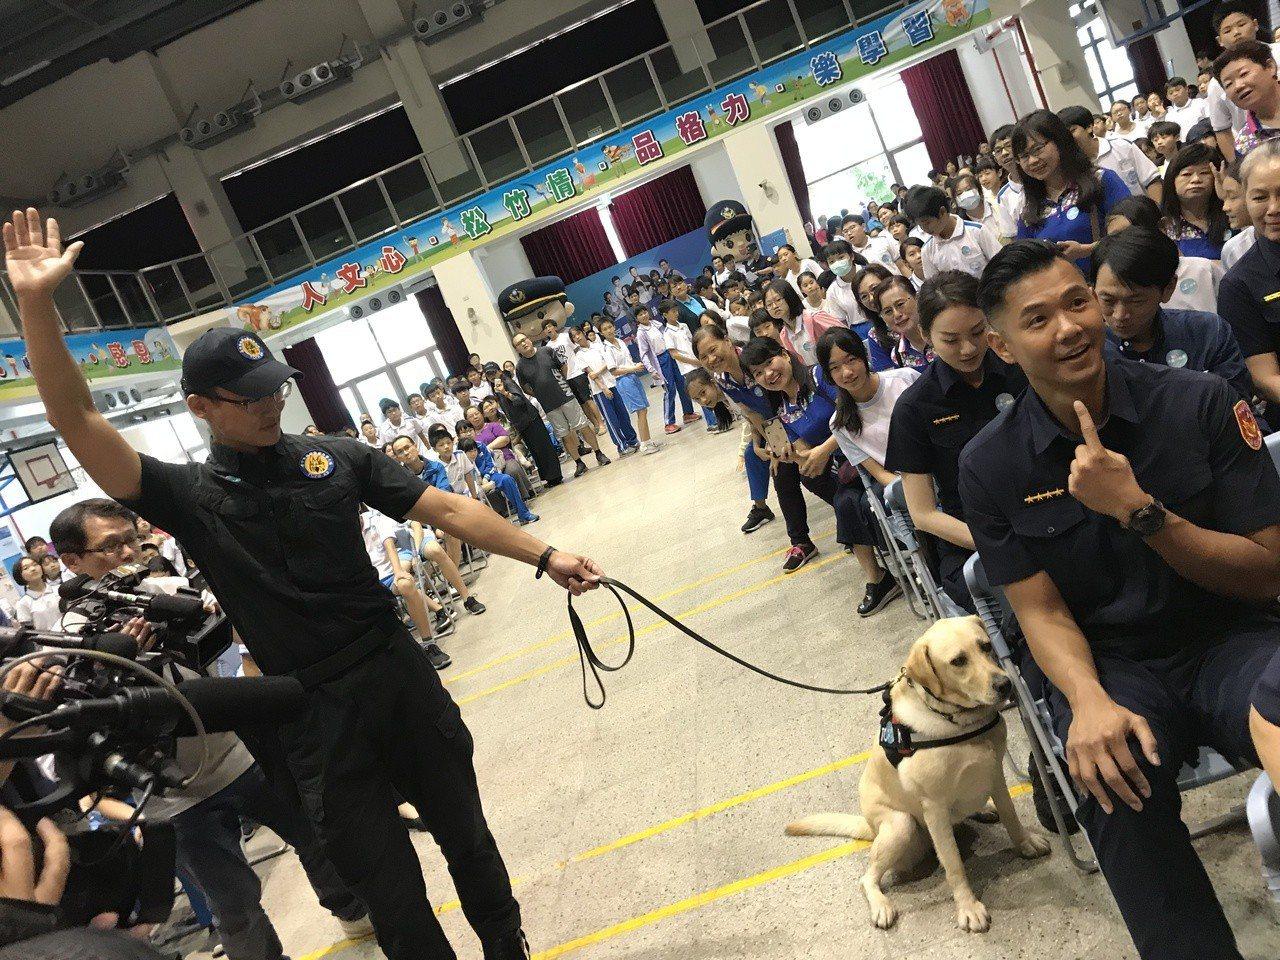 台中市警察局警犬隊警犬訓練有素,現場追蹤到黑人陳建州的所在位置。記者林佩均/攝影